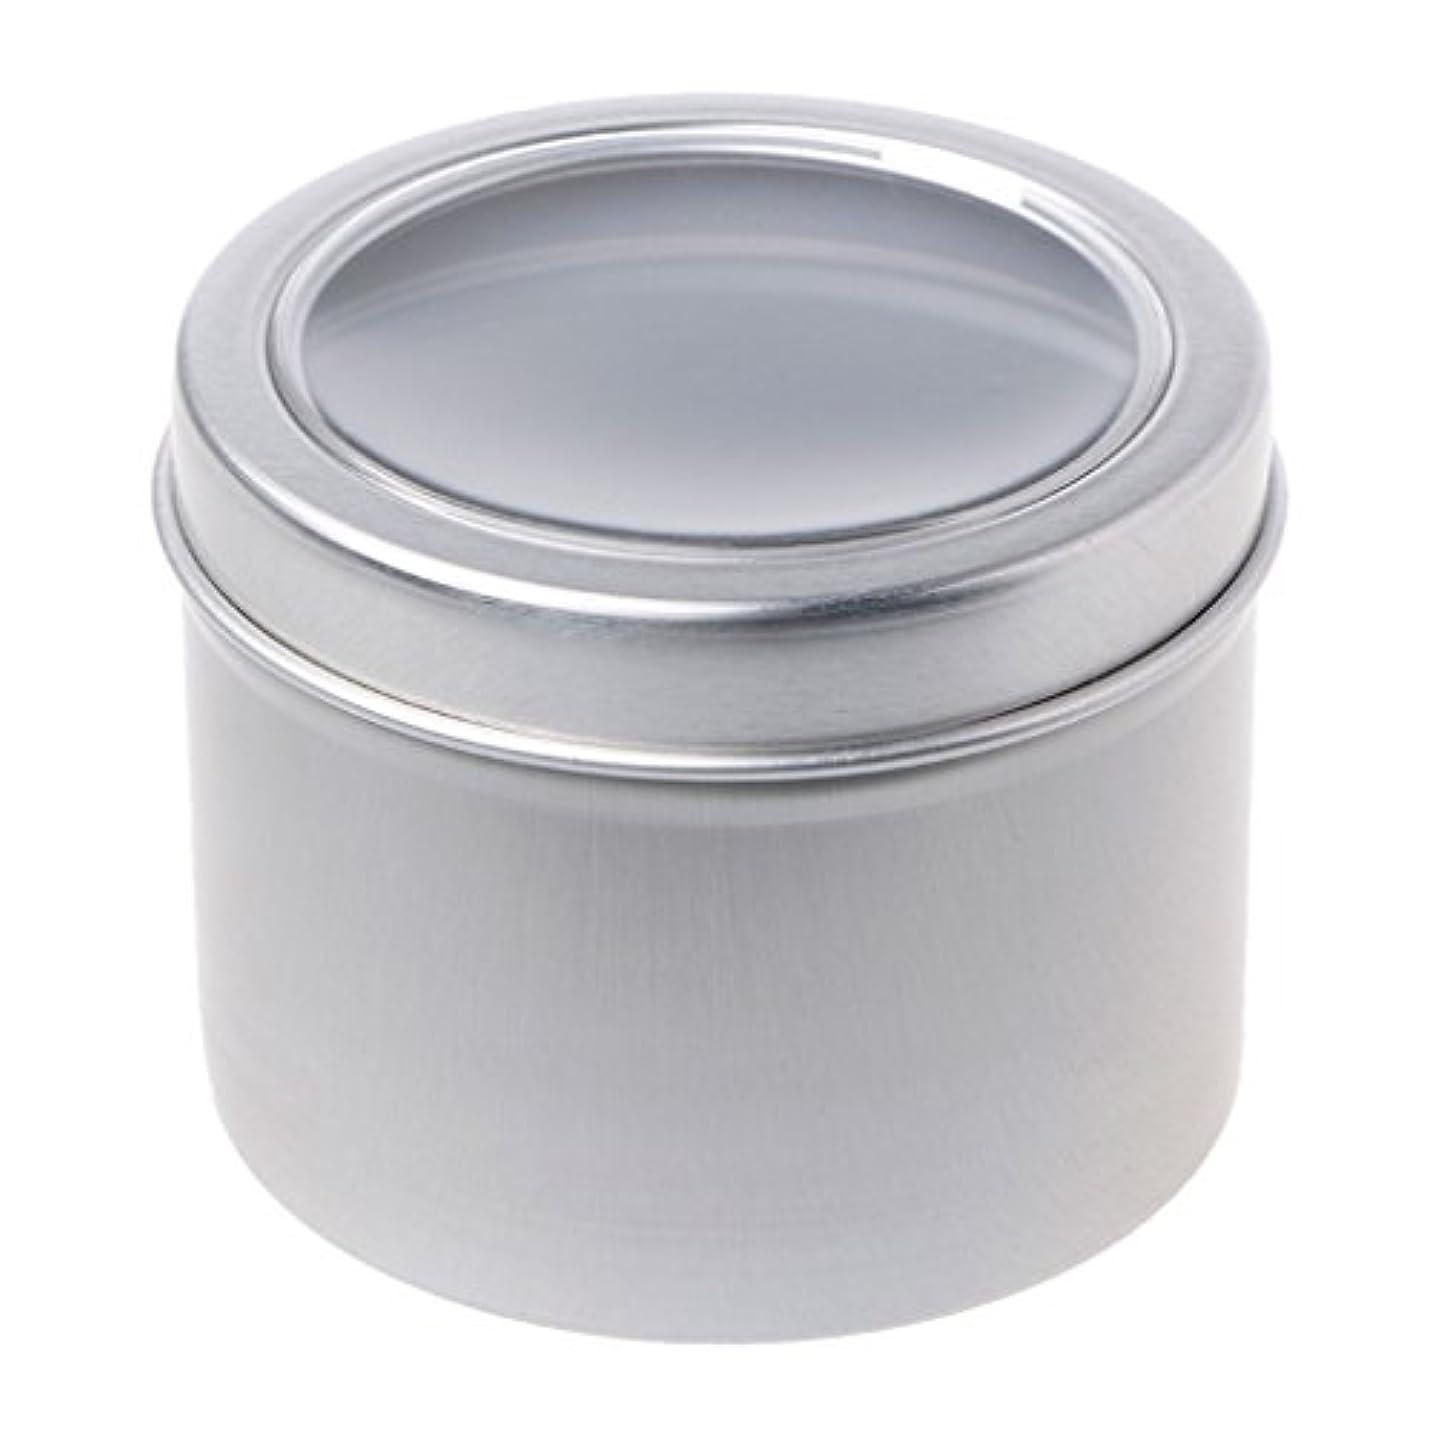 エゴイズムバナナSimpleLife 60mlラウンドスティンケースコンテナ、蓋が空のクリアウィンドウスイング、蓋付き、スモールガジェット、DIYリップバーム - スパイスケース、アルミ容器ボックス/ミニポケットサイズの缶